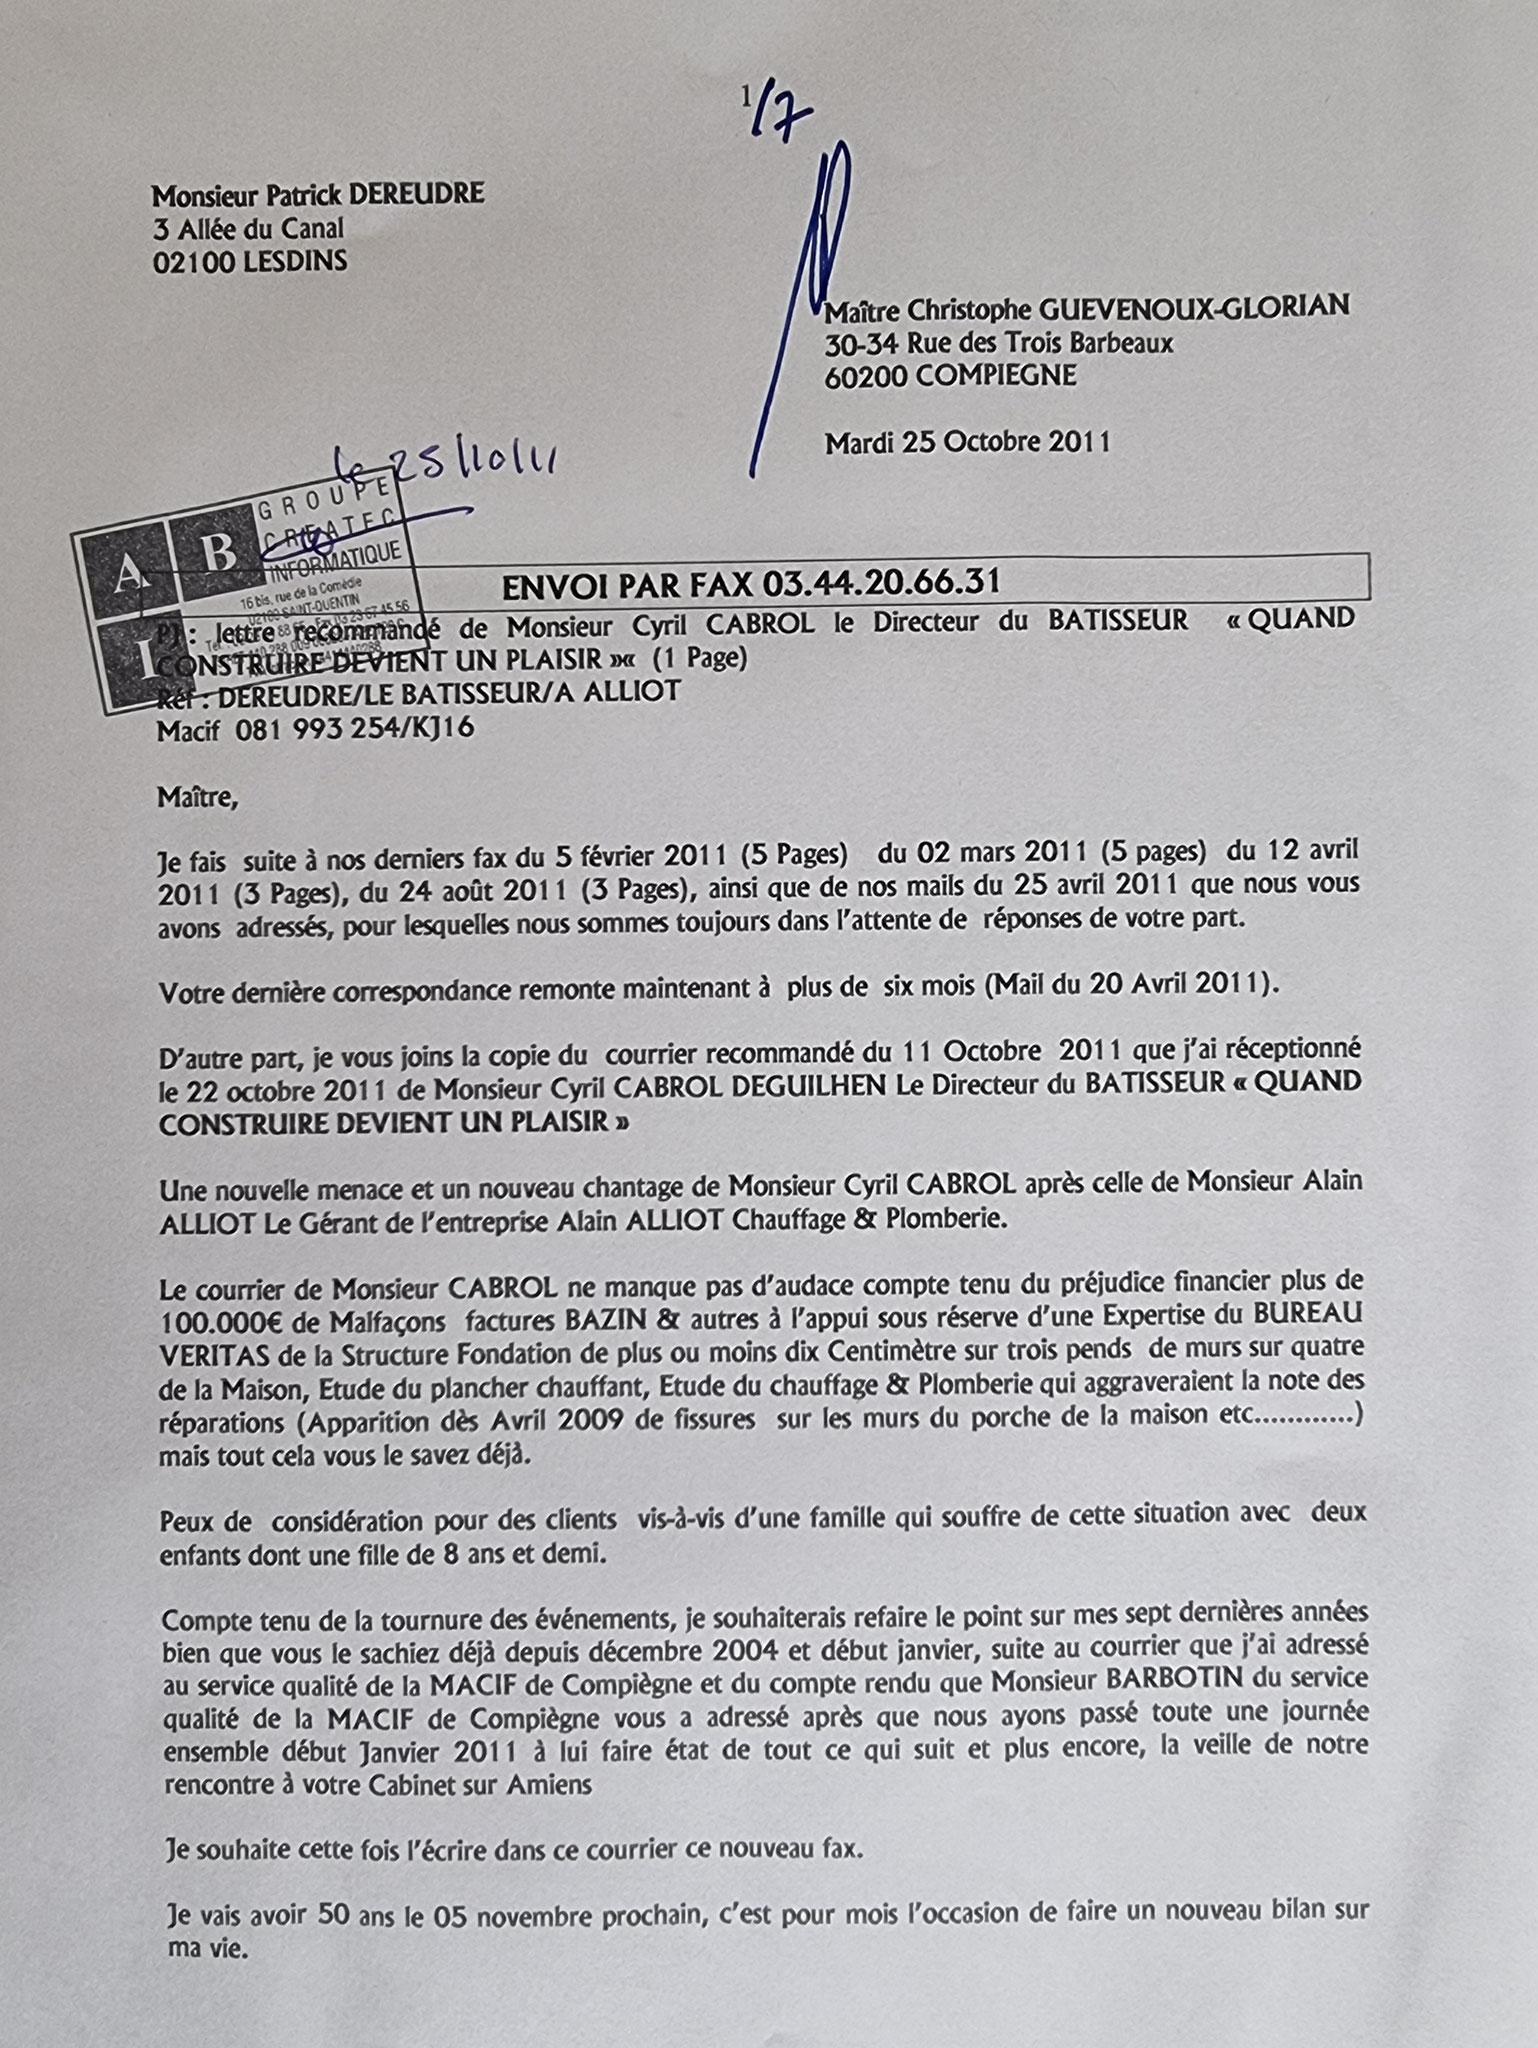 Le 25 Octobre 2011, j'adresse un fax de sept pages à Maître Christophe GUEVENOUX l'avocat de la Direction de la MACIF je ne fait figurer pour l'instant que la page n° 1      INACCEPTABLE  BORDERLINE    EXPERTISES  ENTRE COPAINS...  www.jesuispatrick.fr